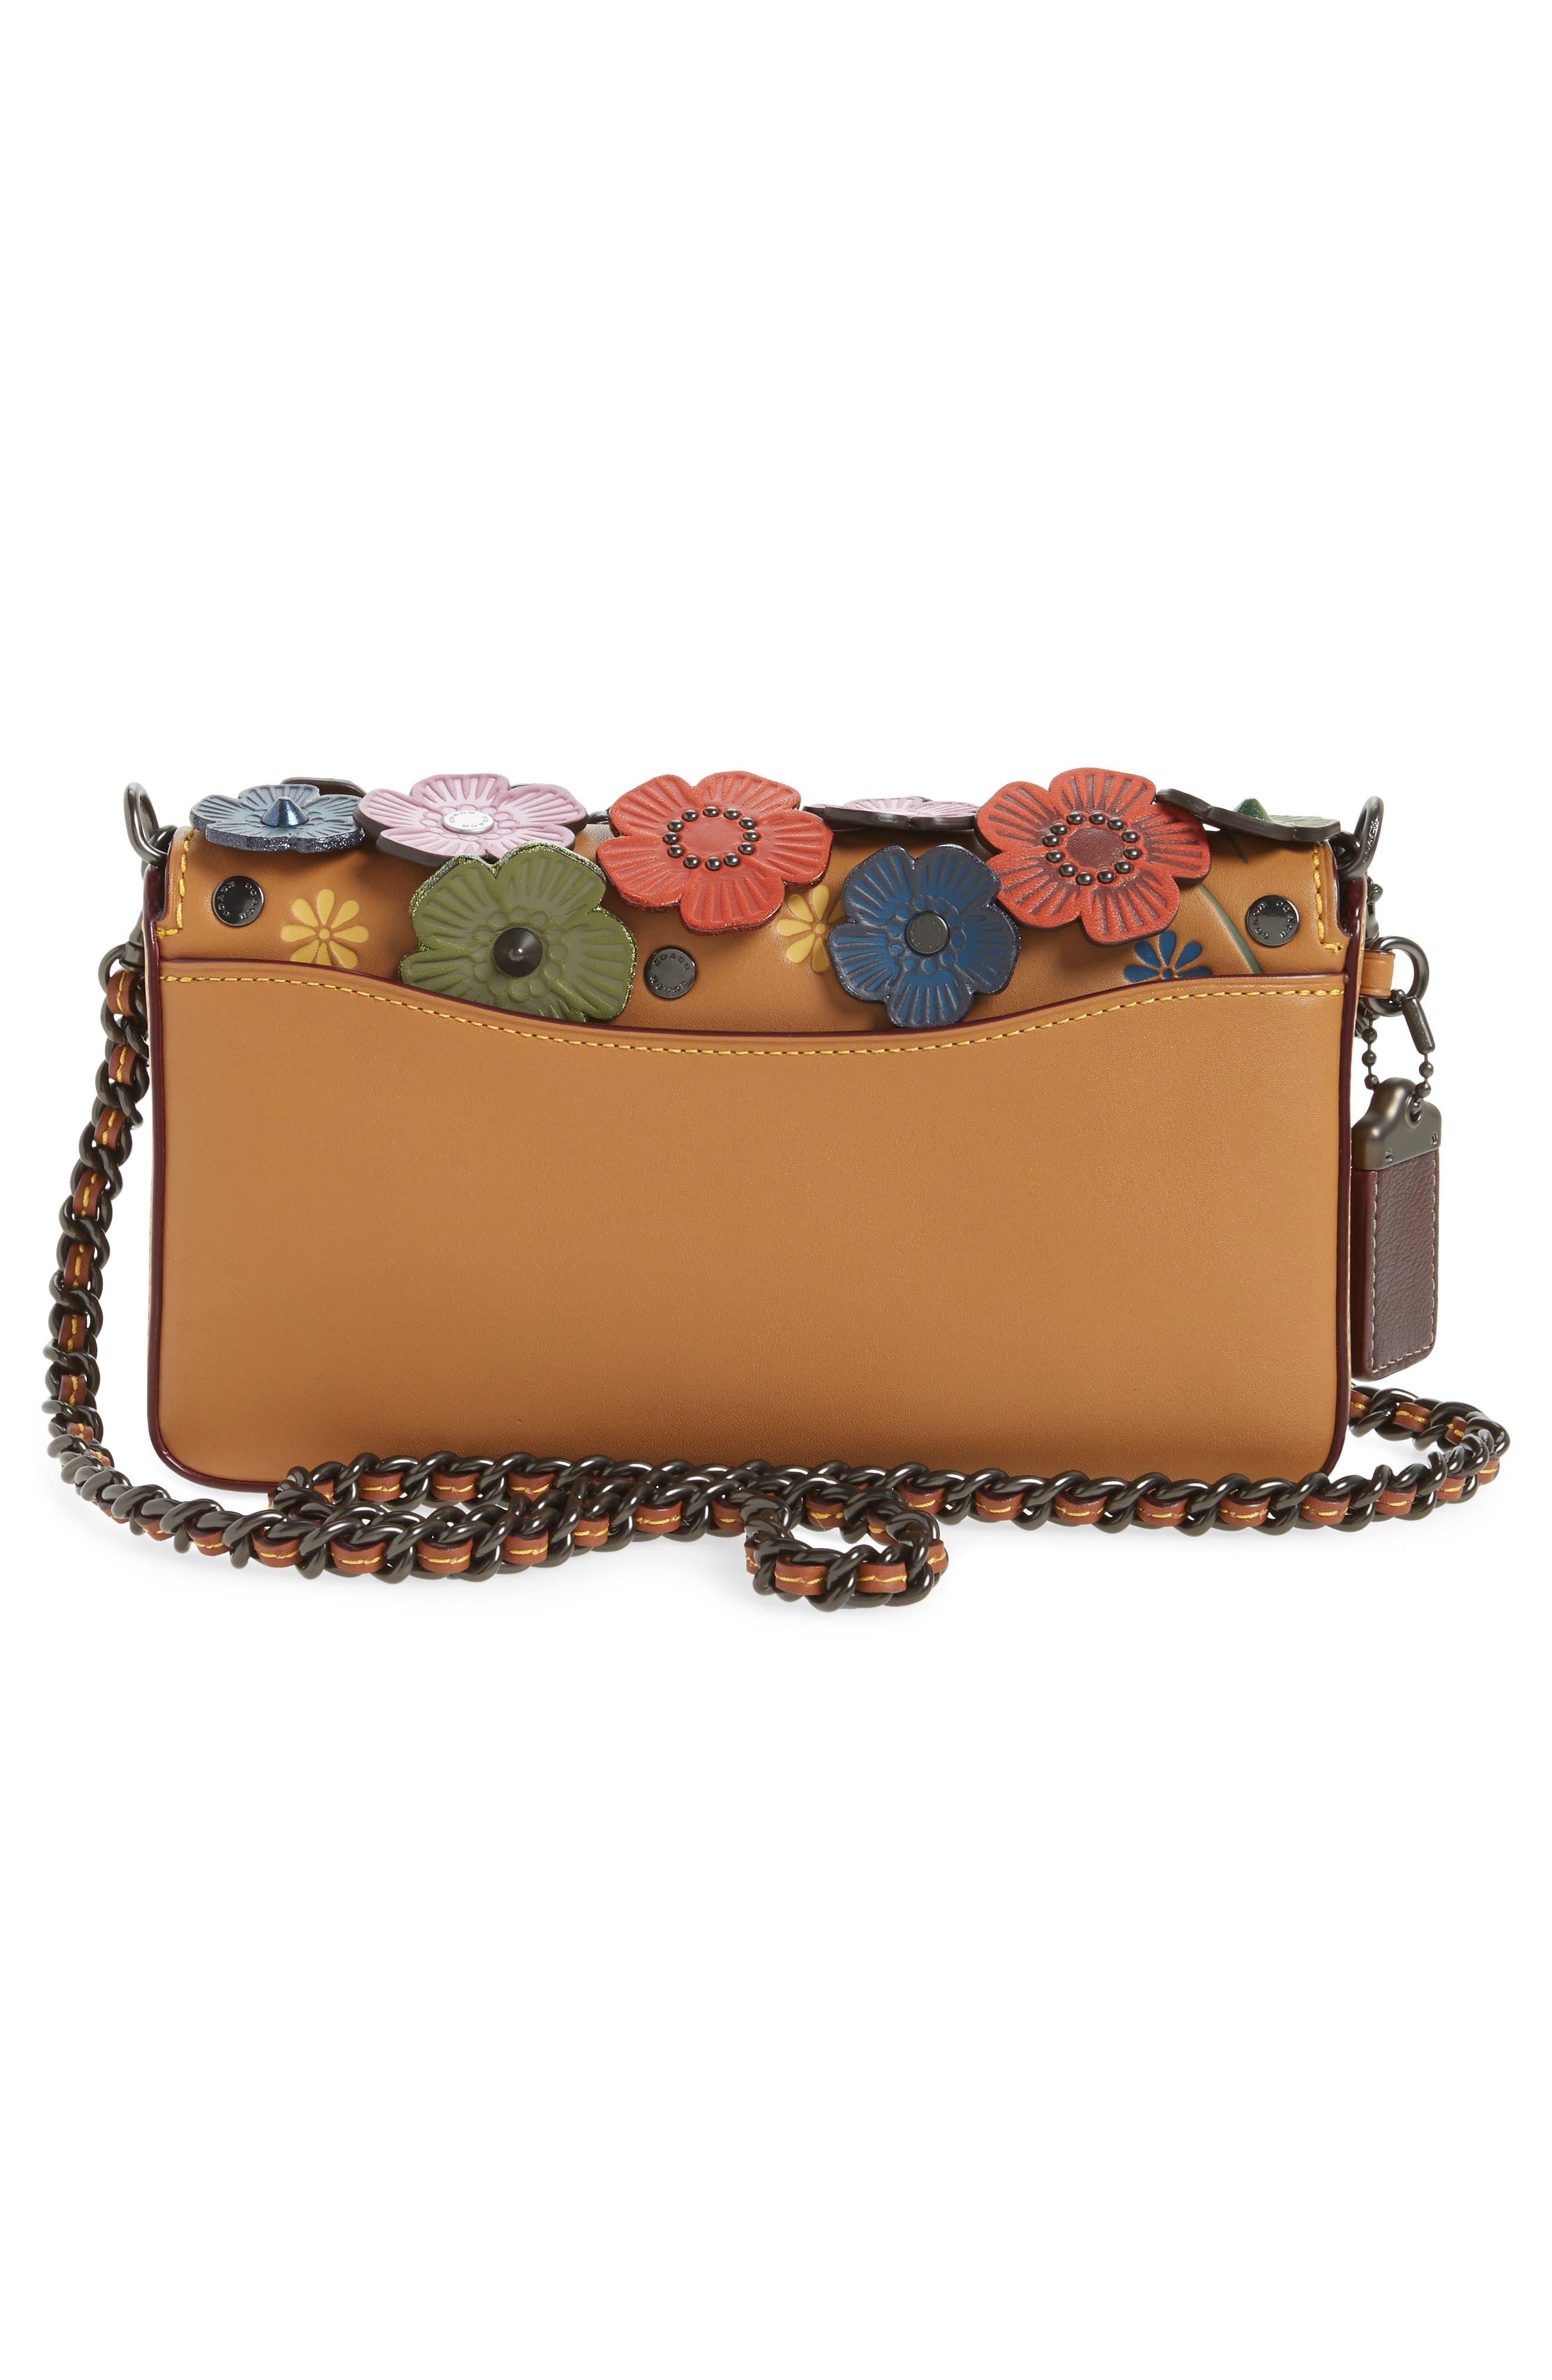 'Dinky' Flower Appliqué Leather Crossbody Bag,                             Alternate thumbnail 3, color,                             Rainbow